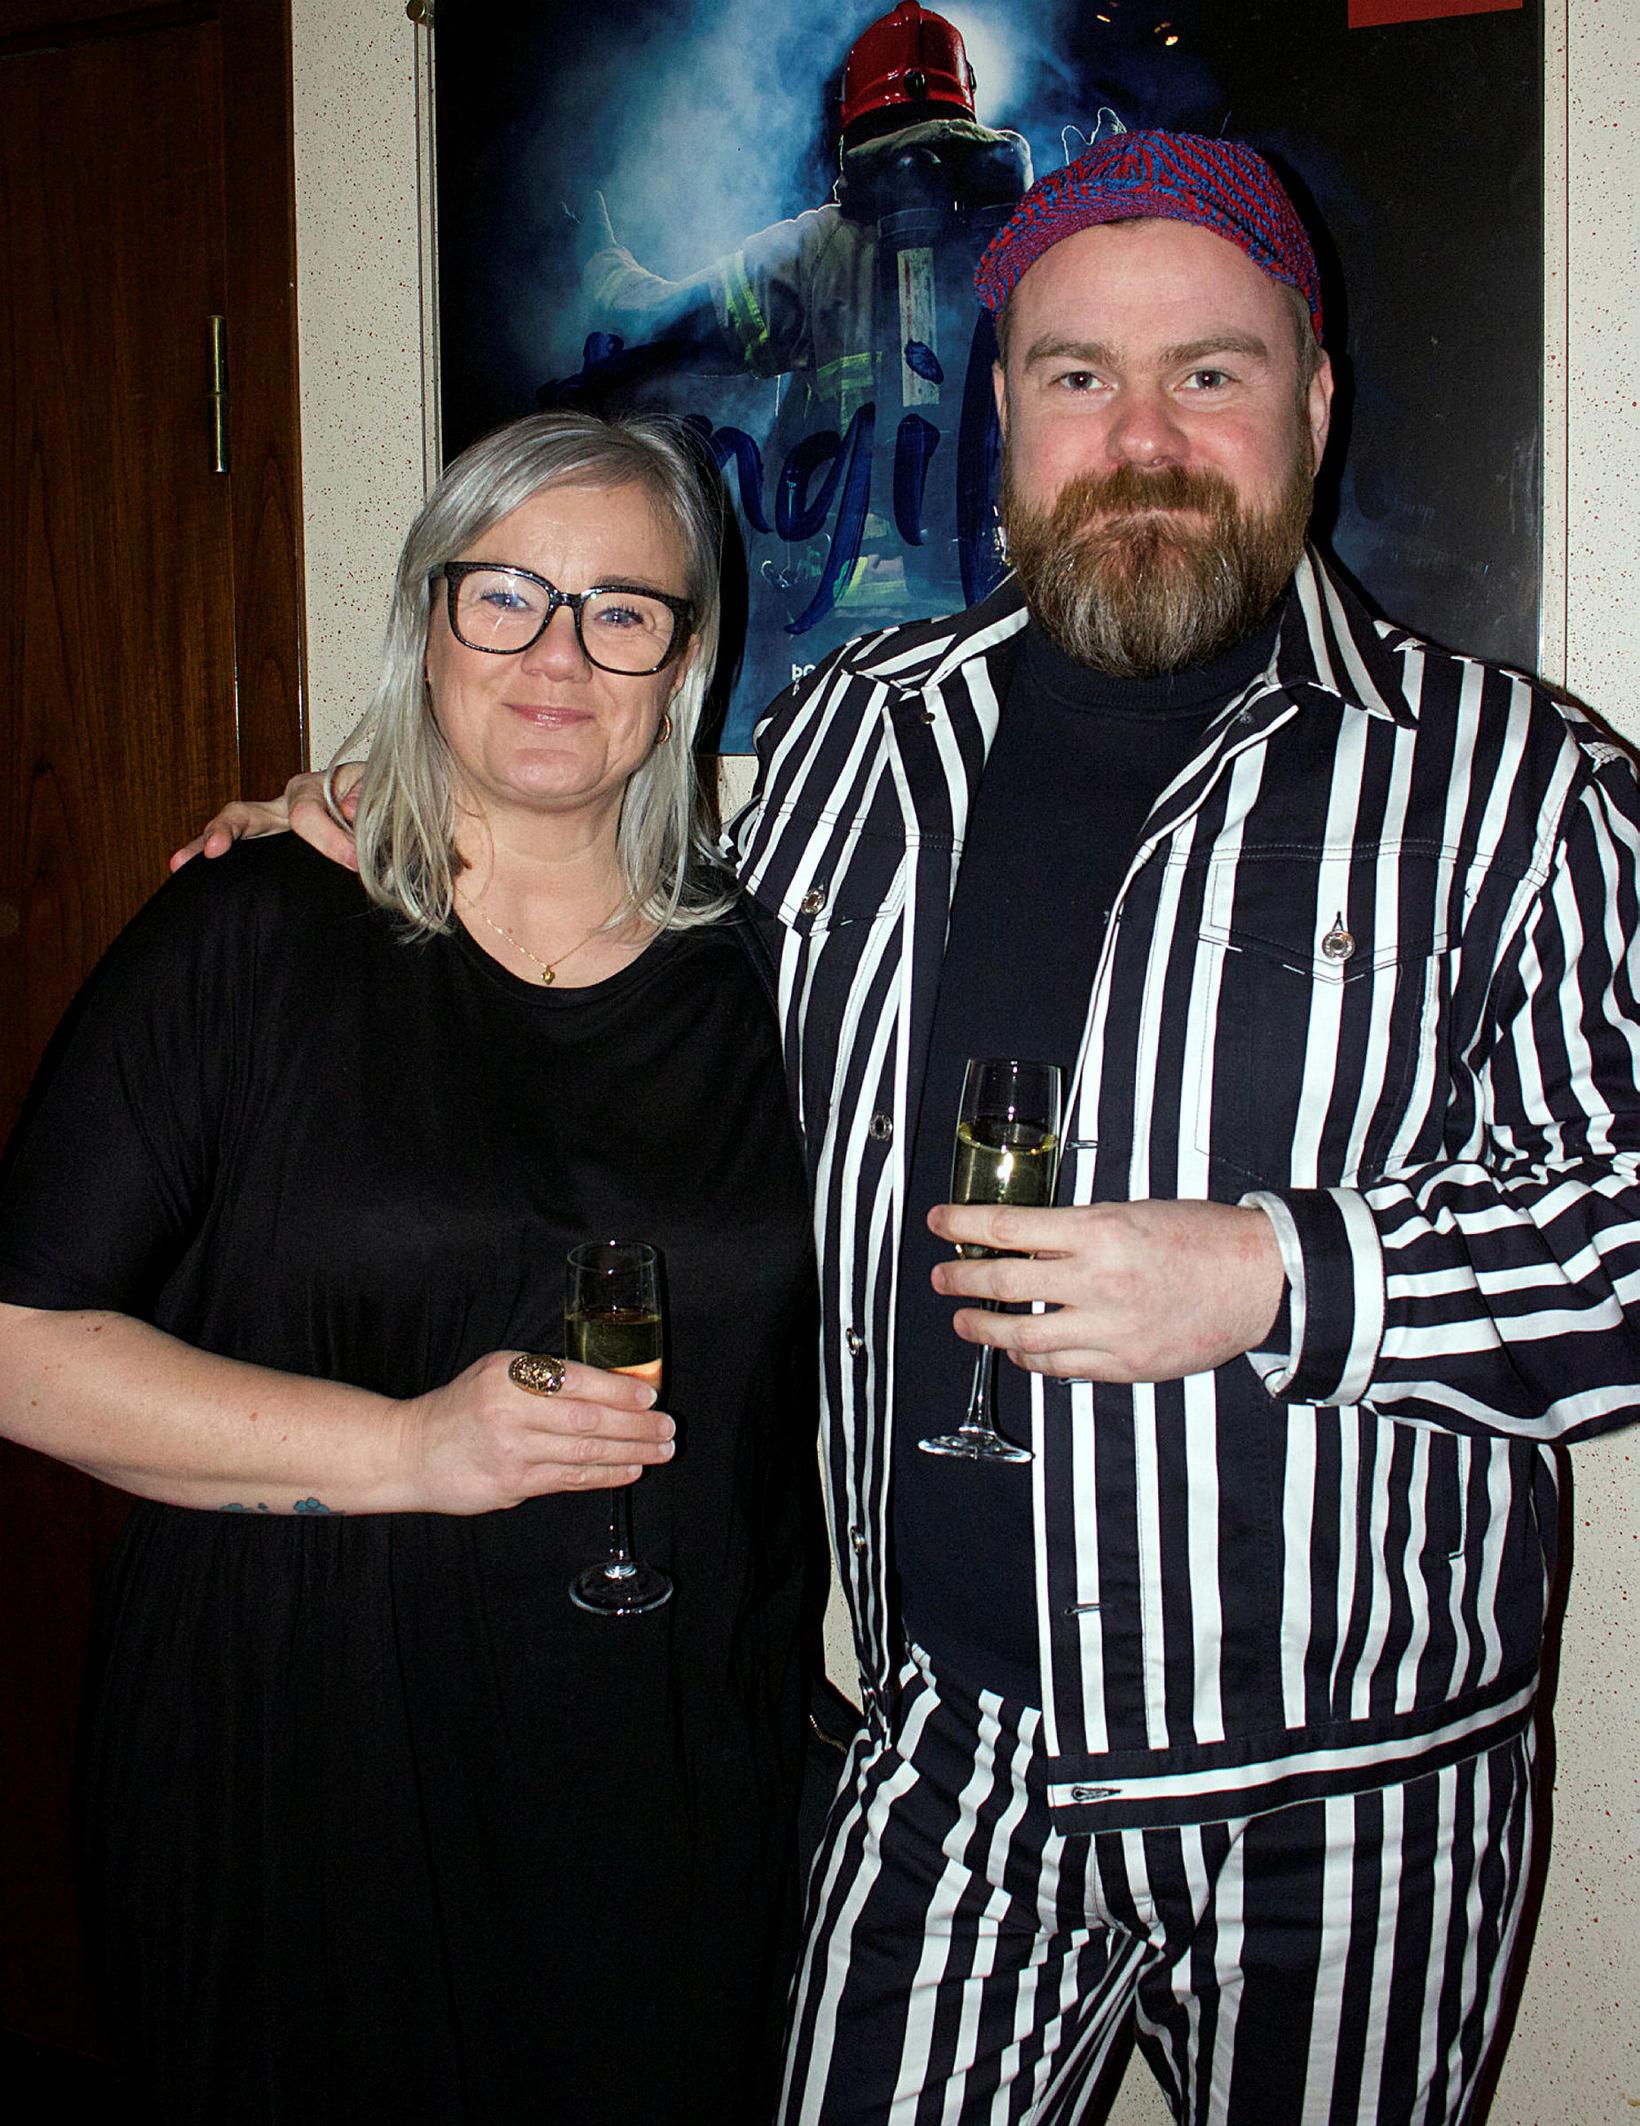 Ragnheiður Hrafnsdóttir og Stefán Svan Stefánsson.